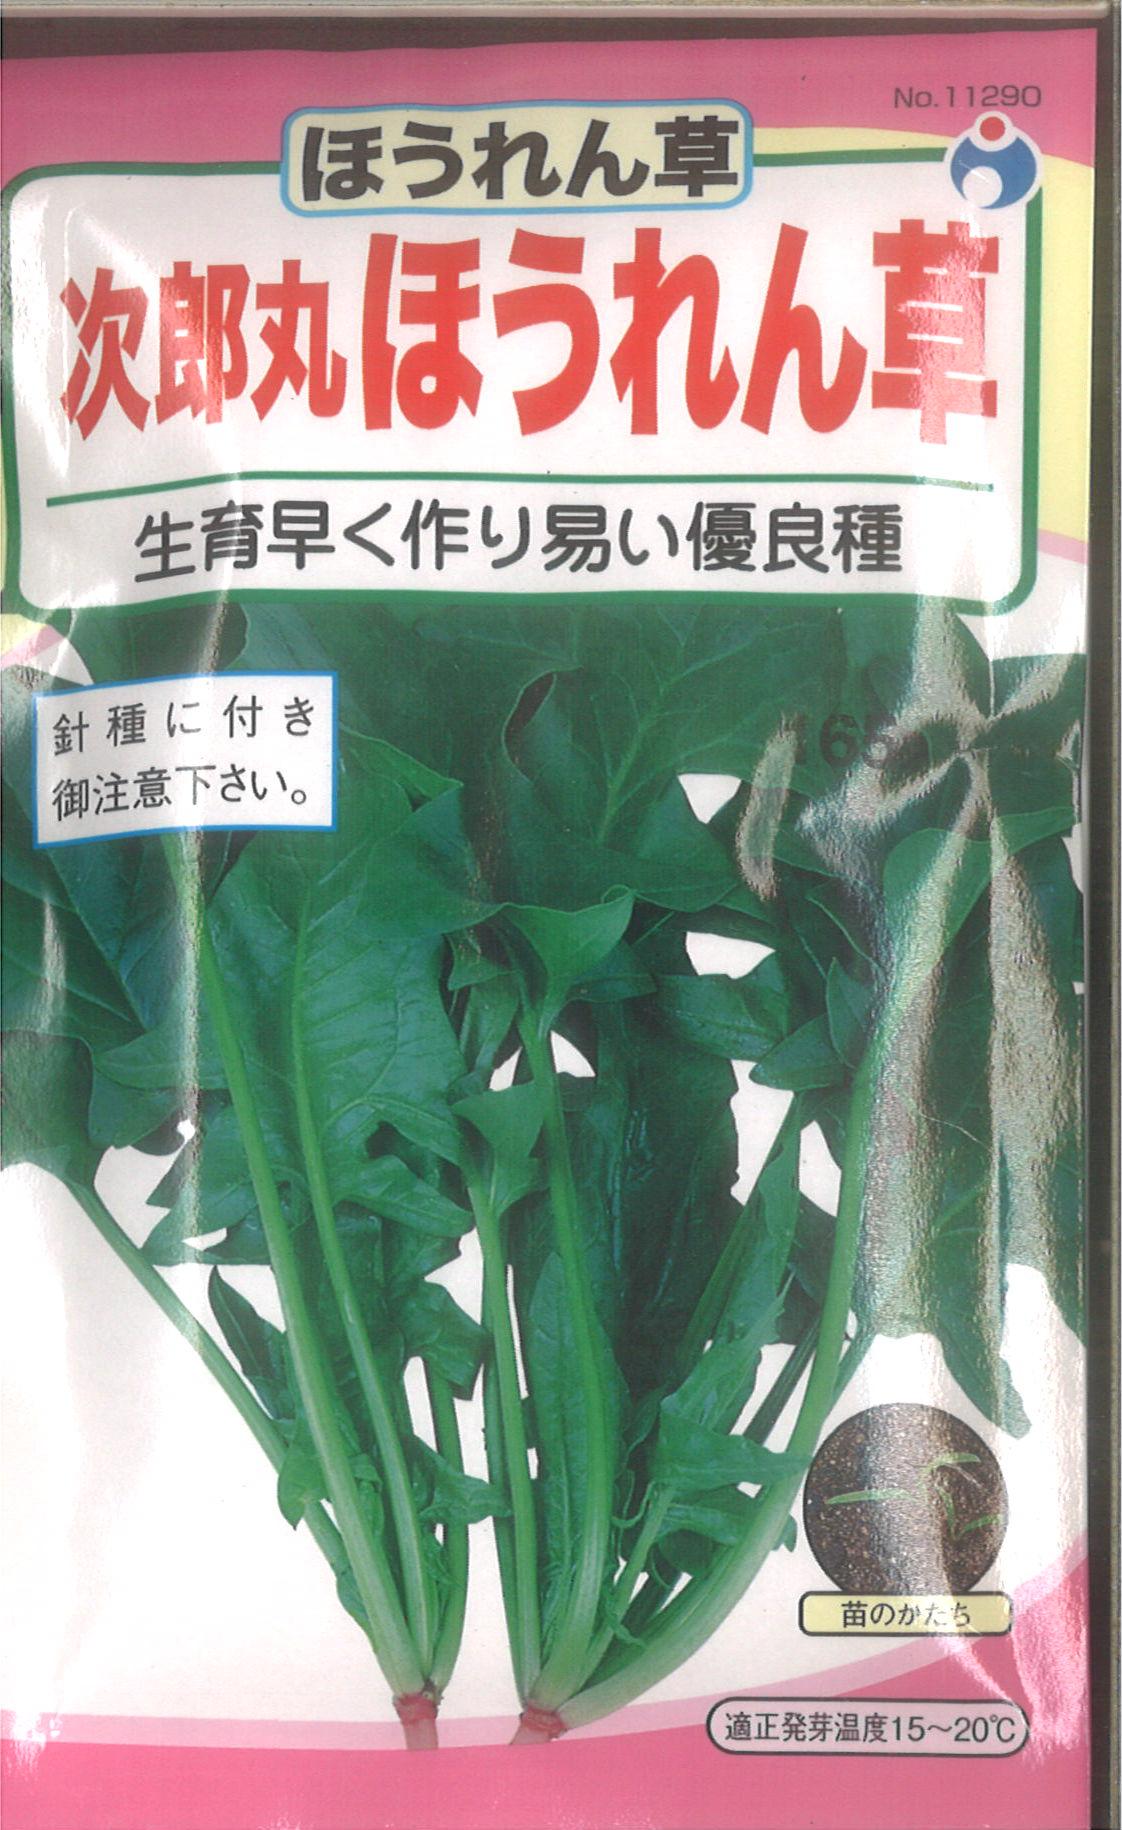 【代引不可】【5袋まで送料80円】 □ ホウレンソウ 次郎丸ほうれん草